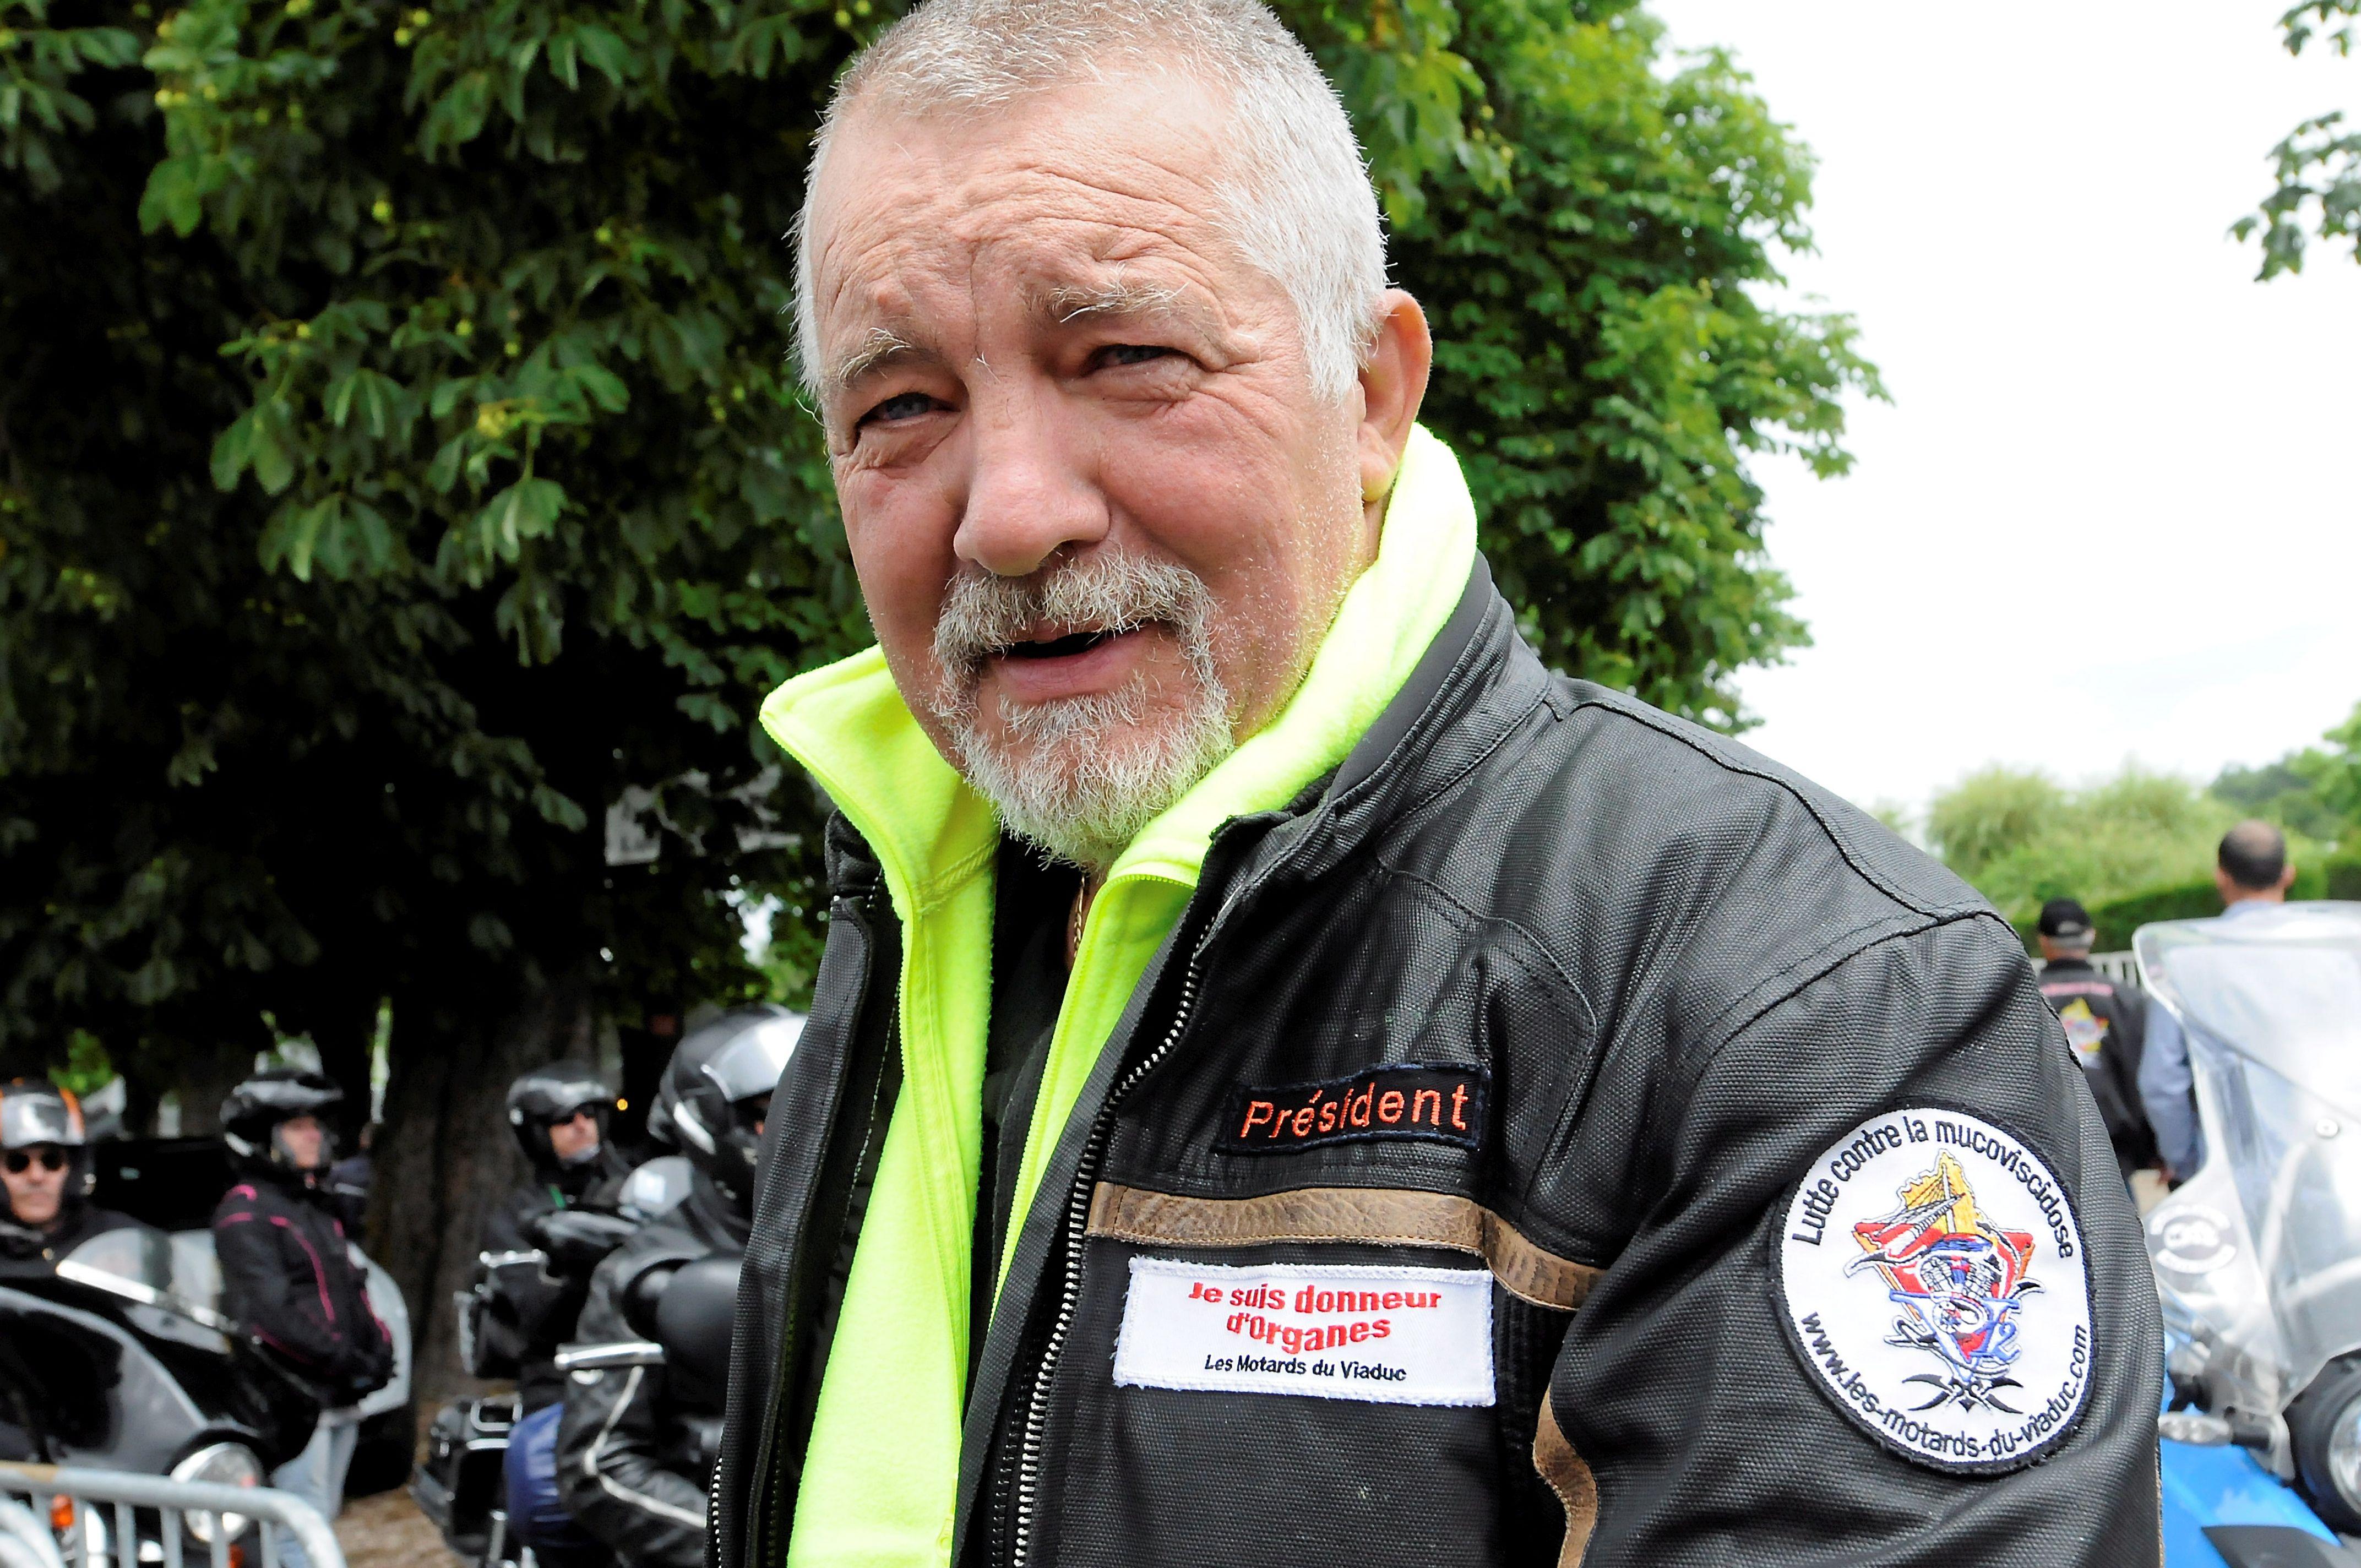 Christian Le Mellec lors d'un rassemblement des motards du Viaduc.